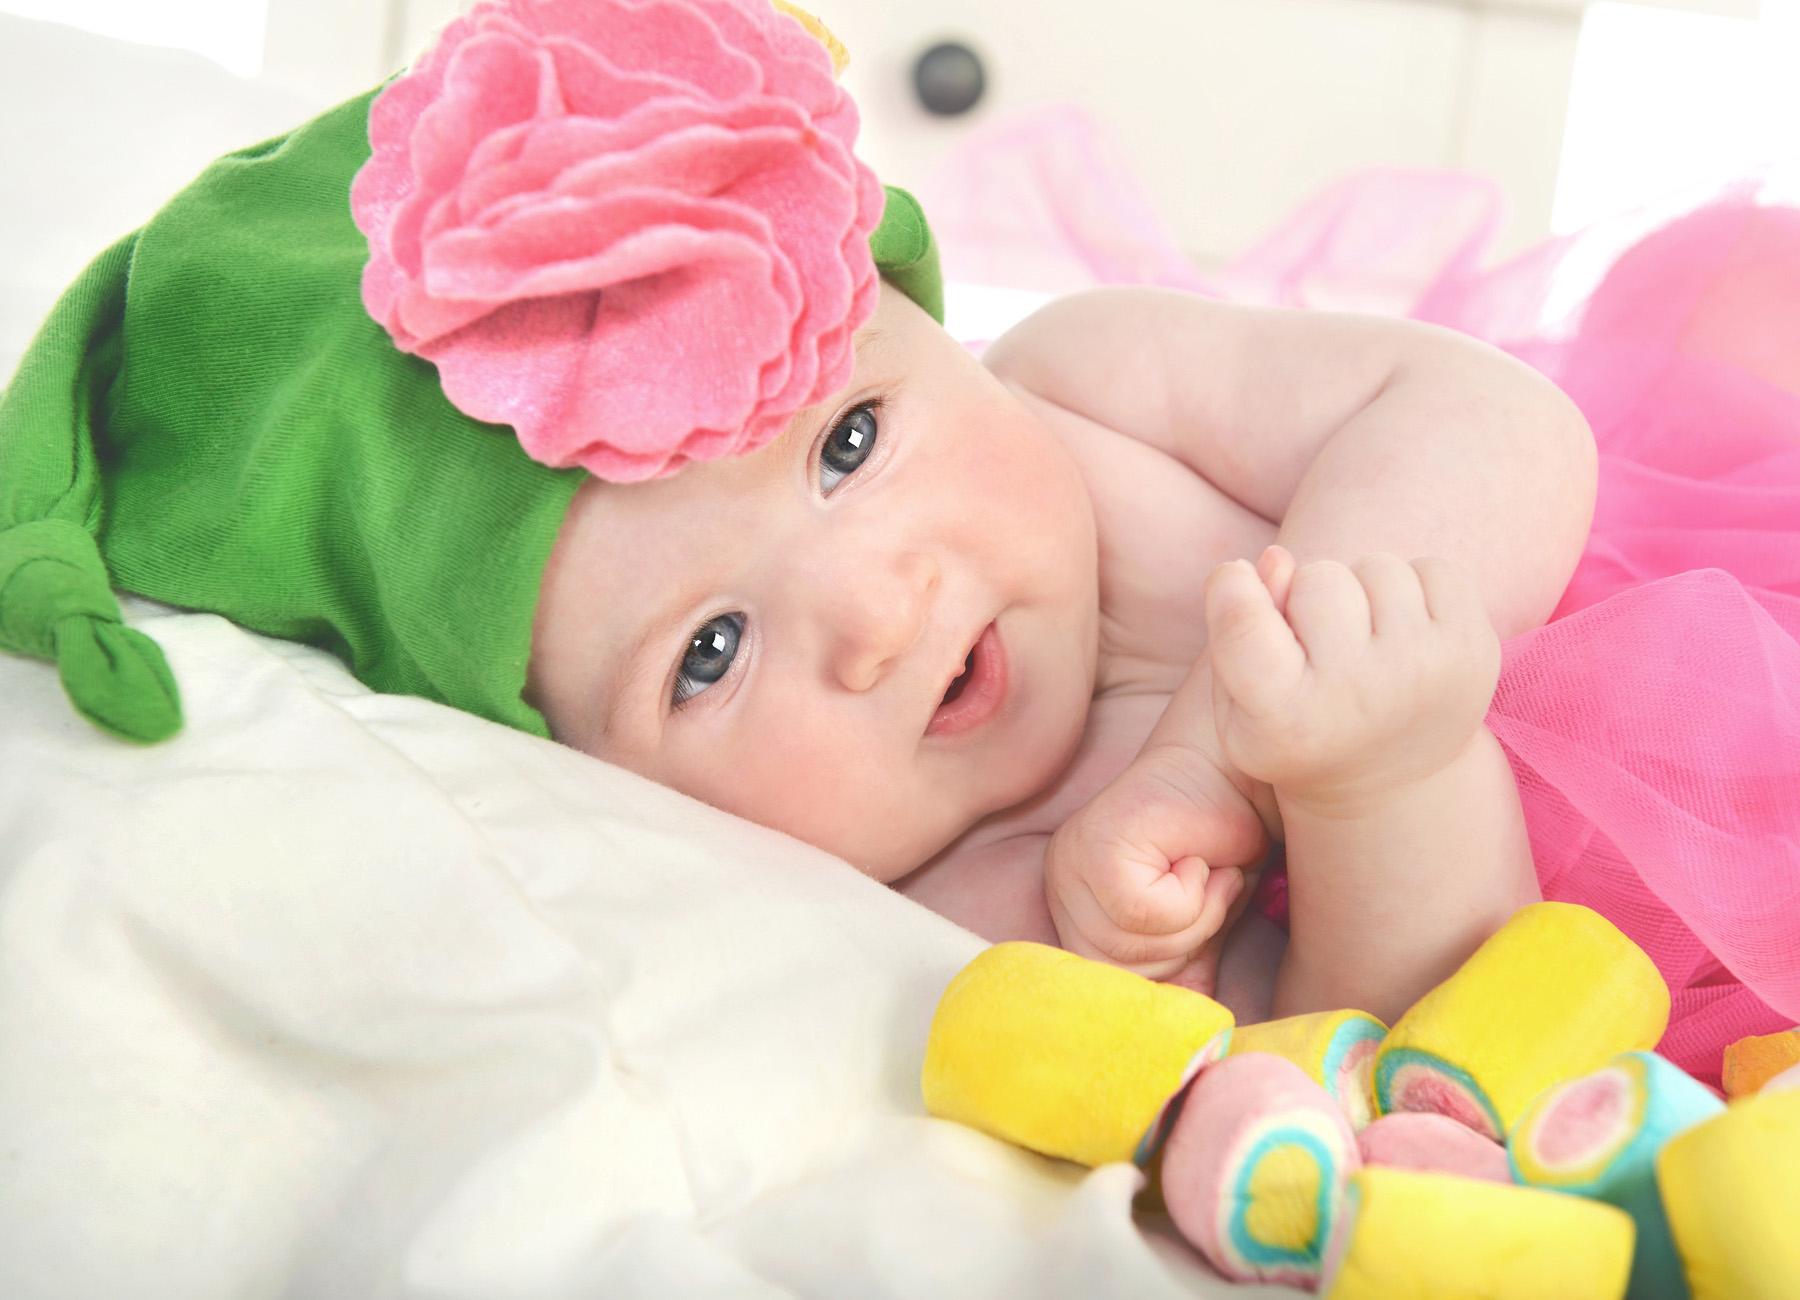 Fotos Bebés Risueños